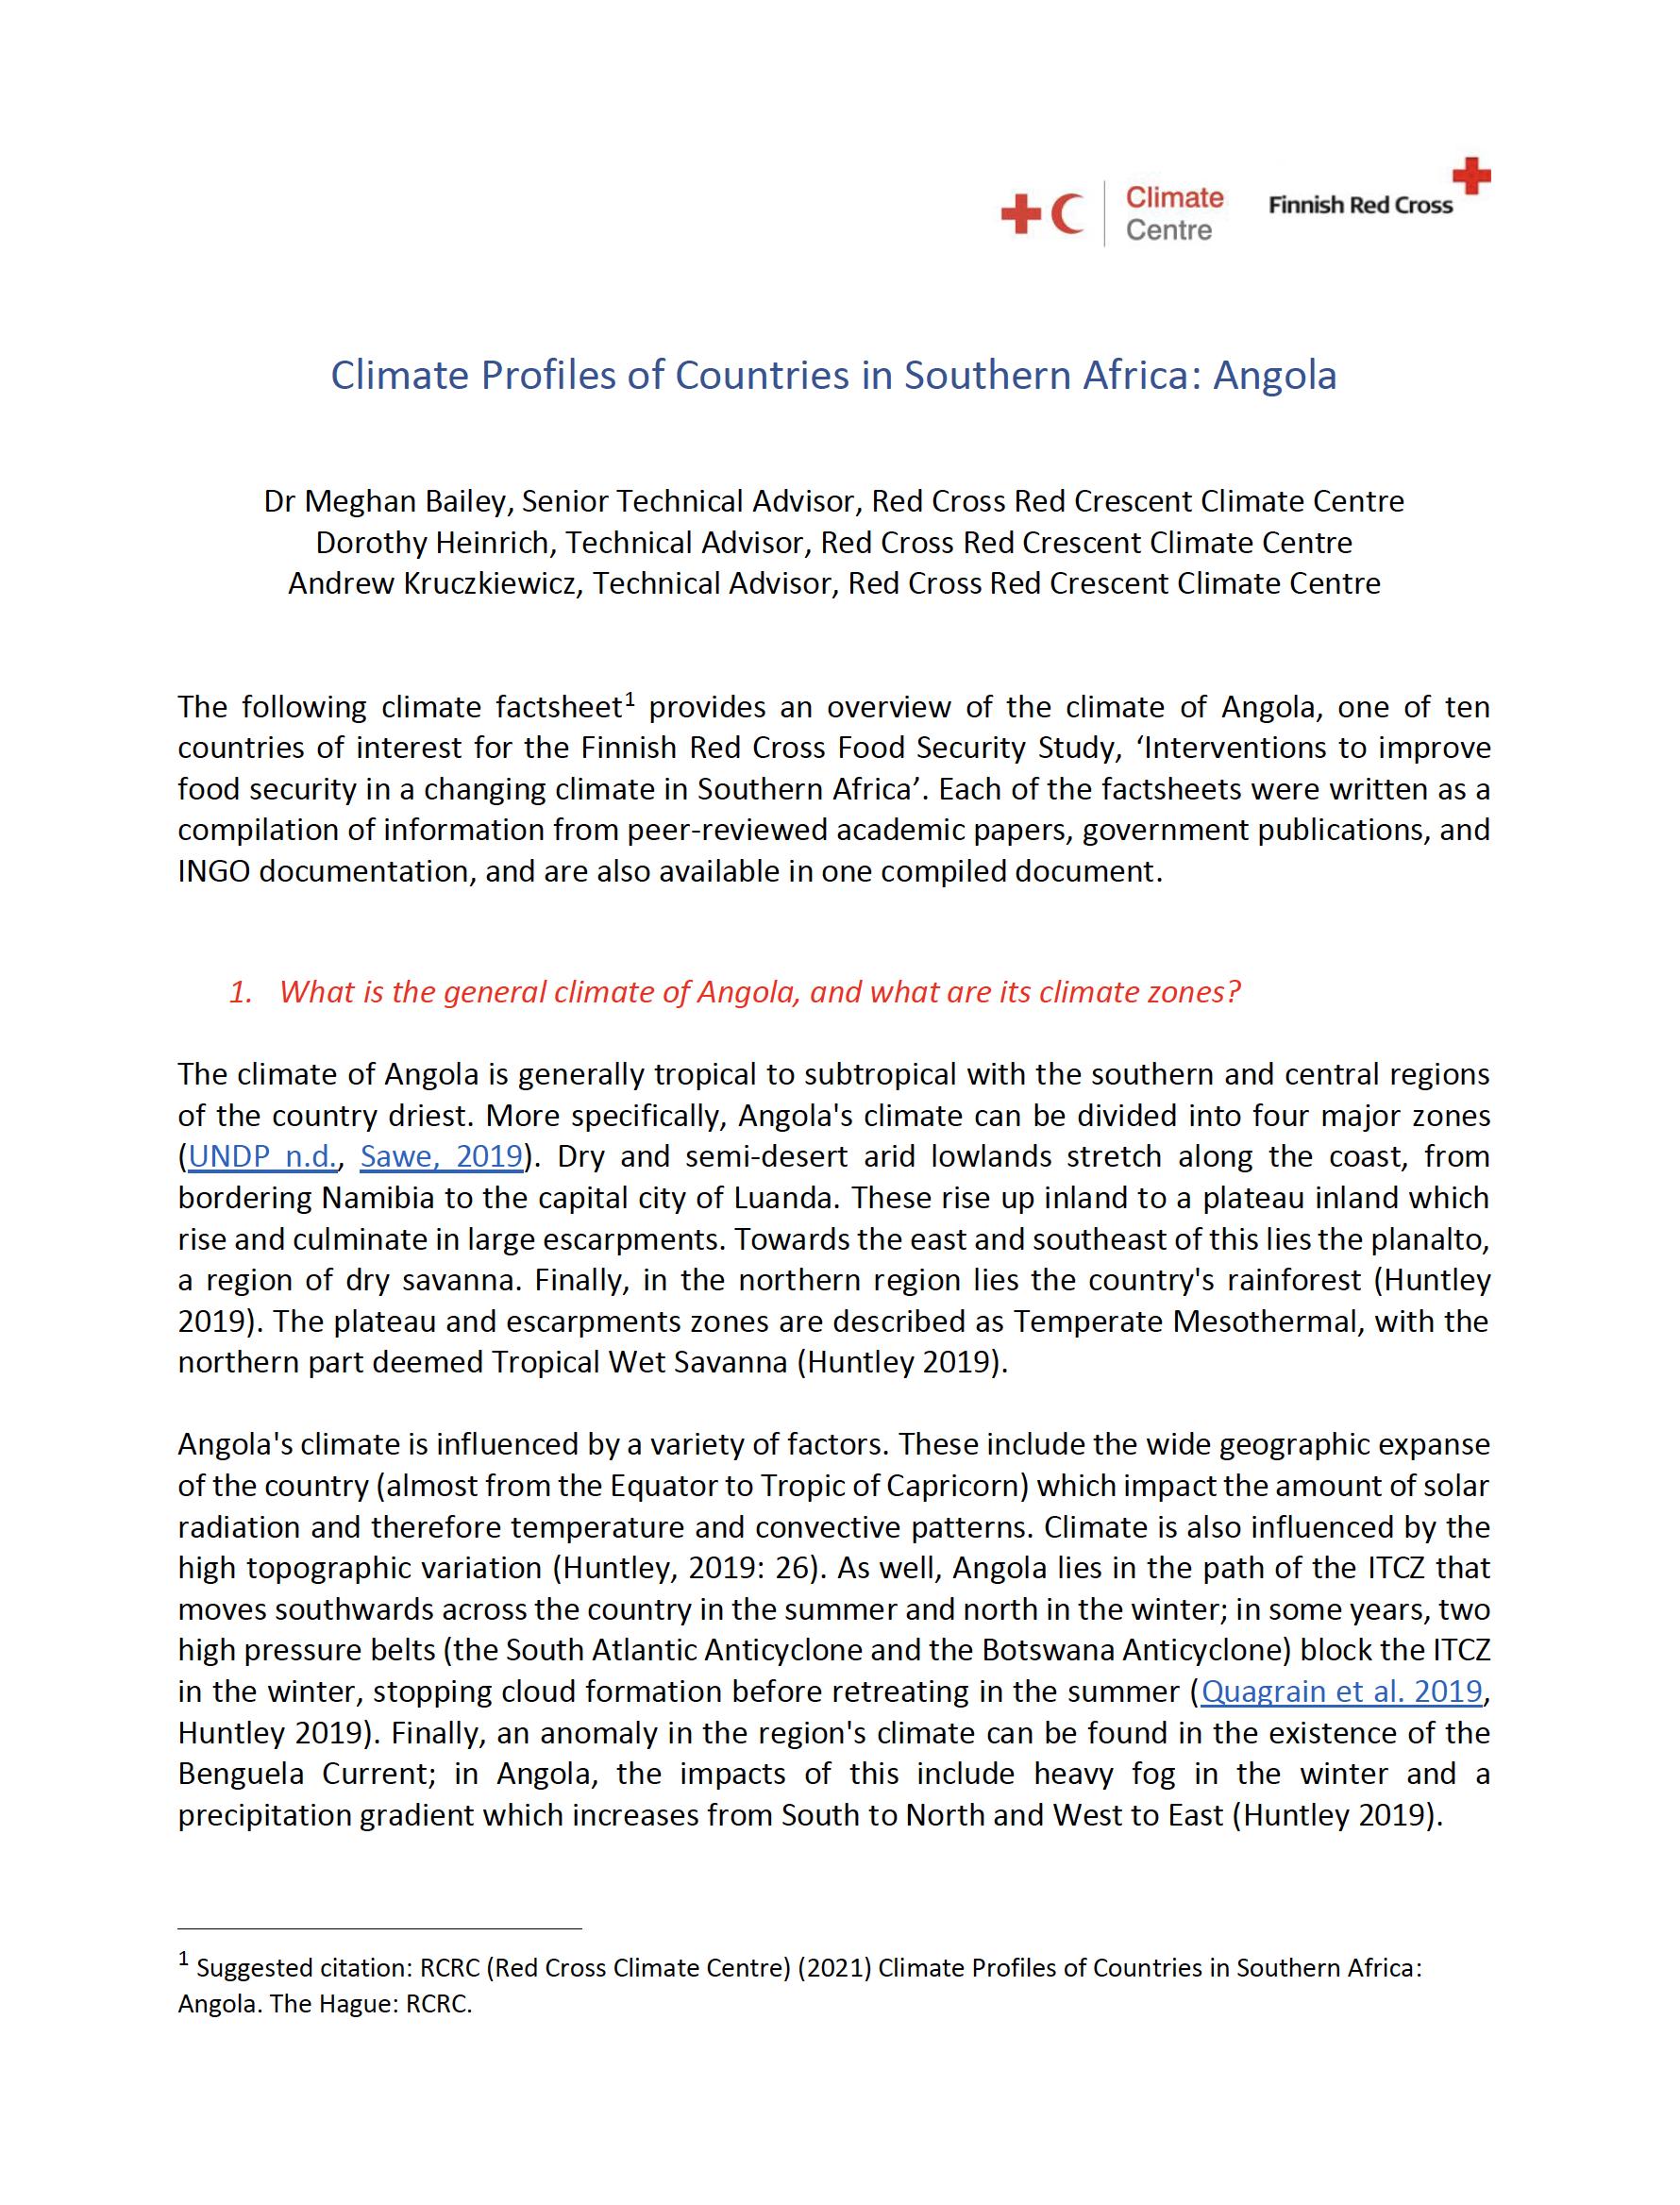 Climate Factsheet Angola